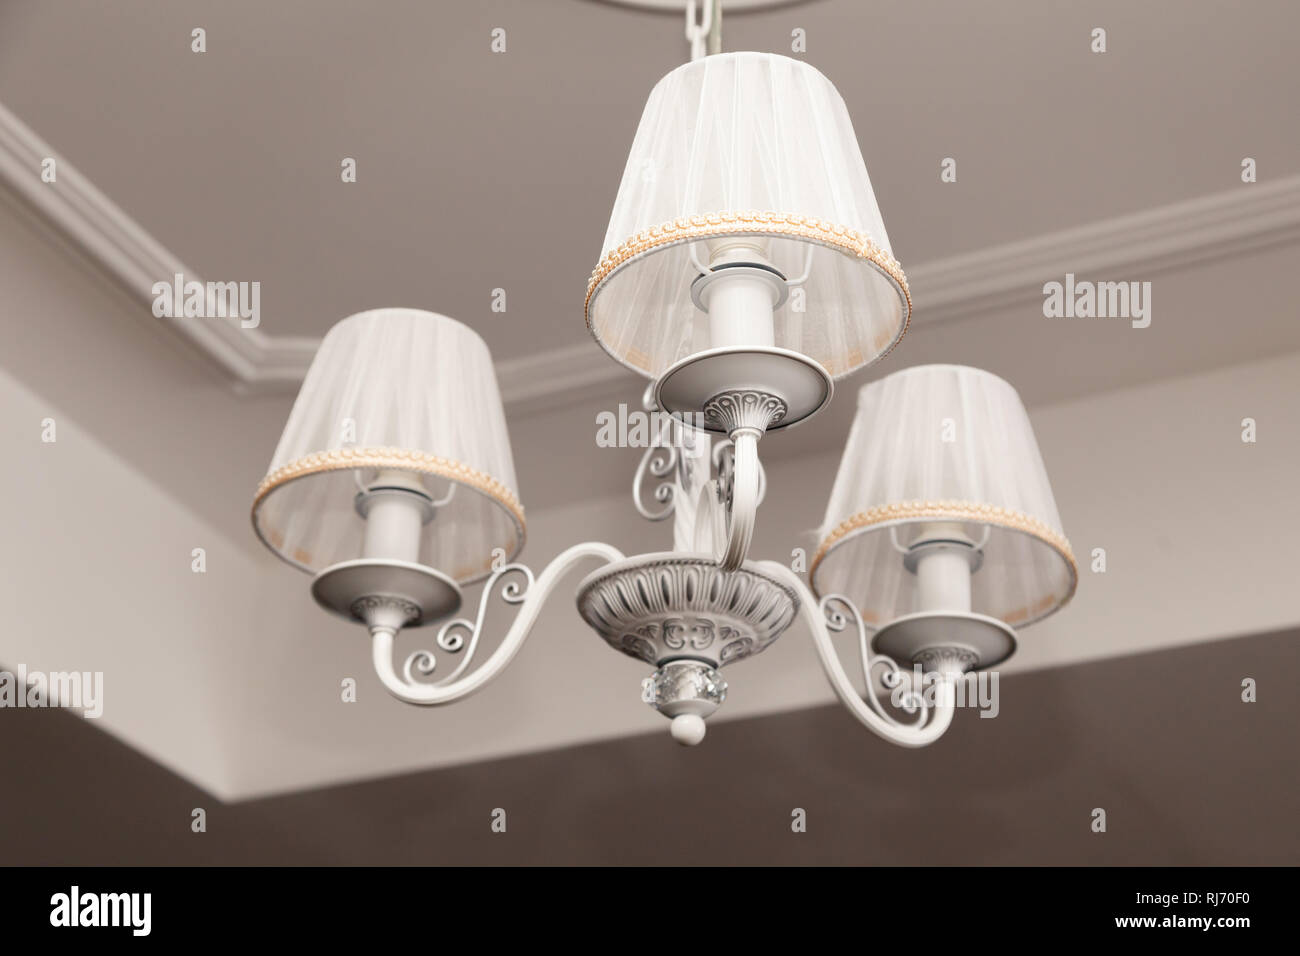 Kronleuchter mit drei elektrischen Lampen und Lampenschirme hängen ...